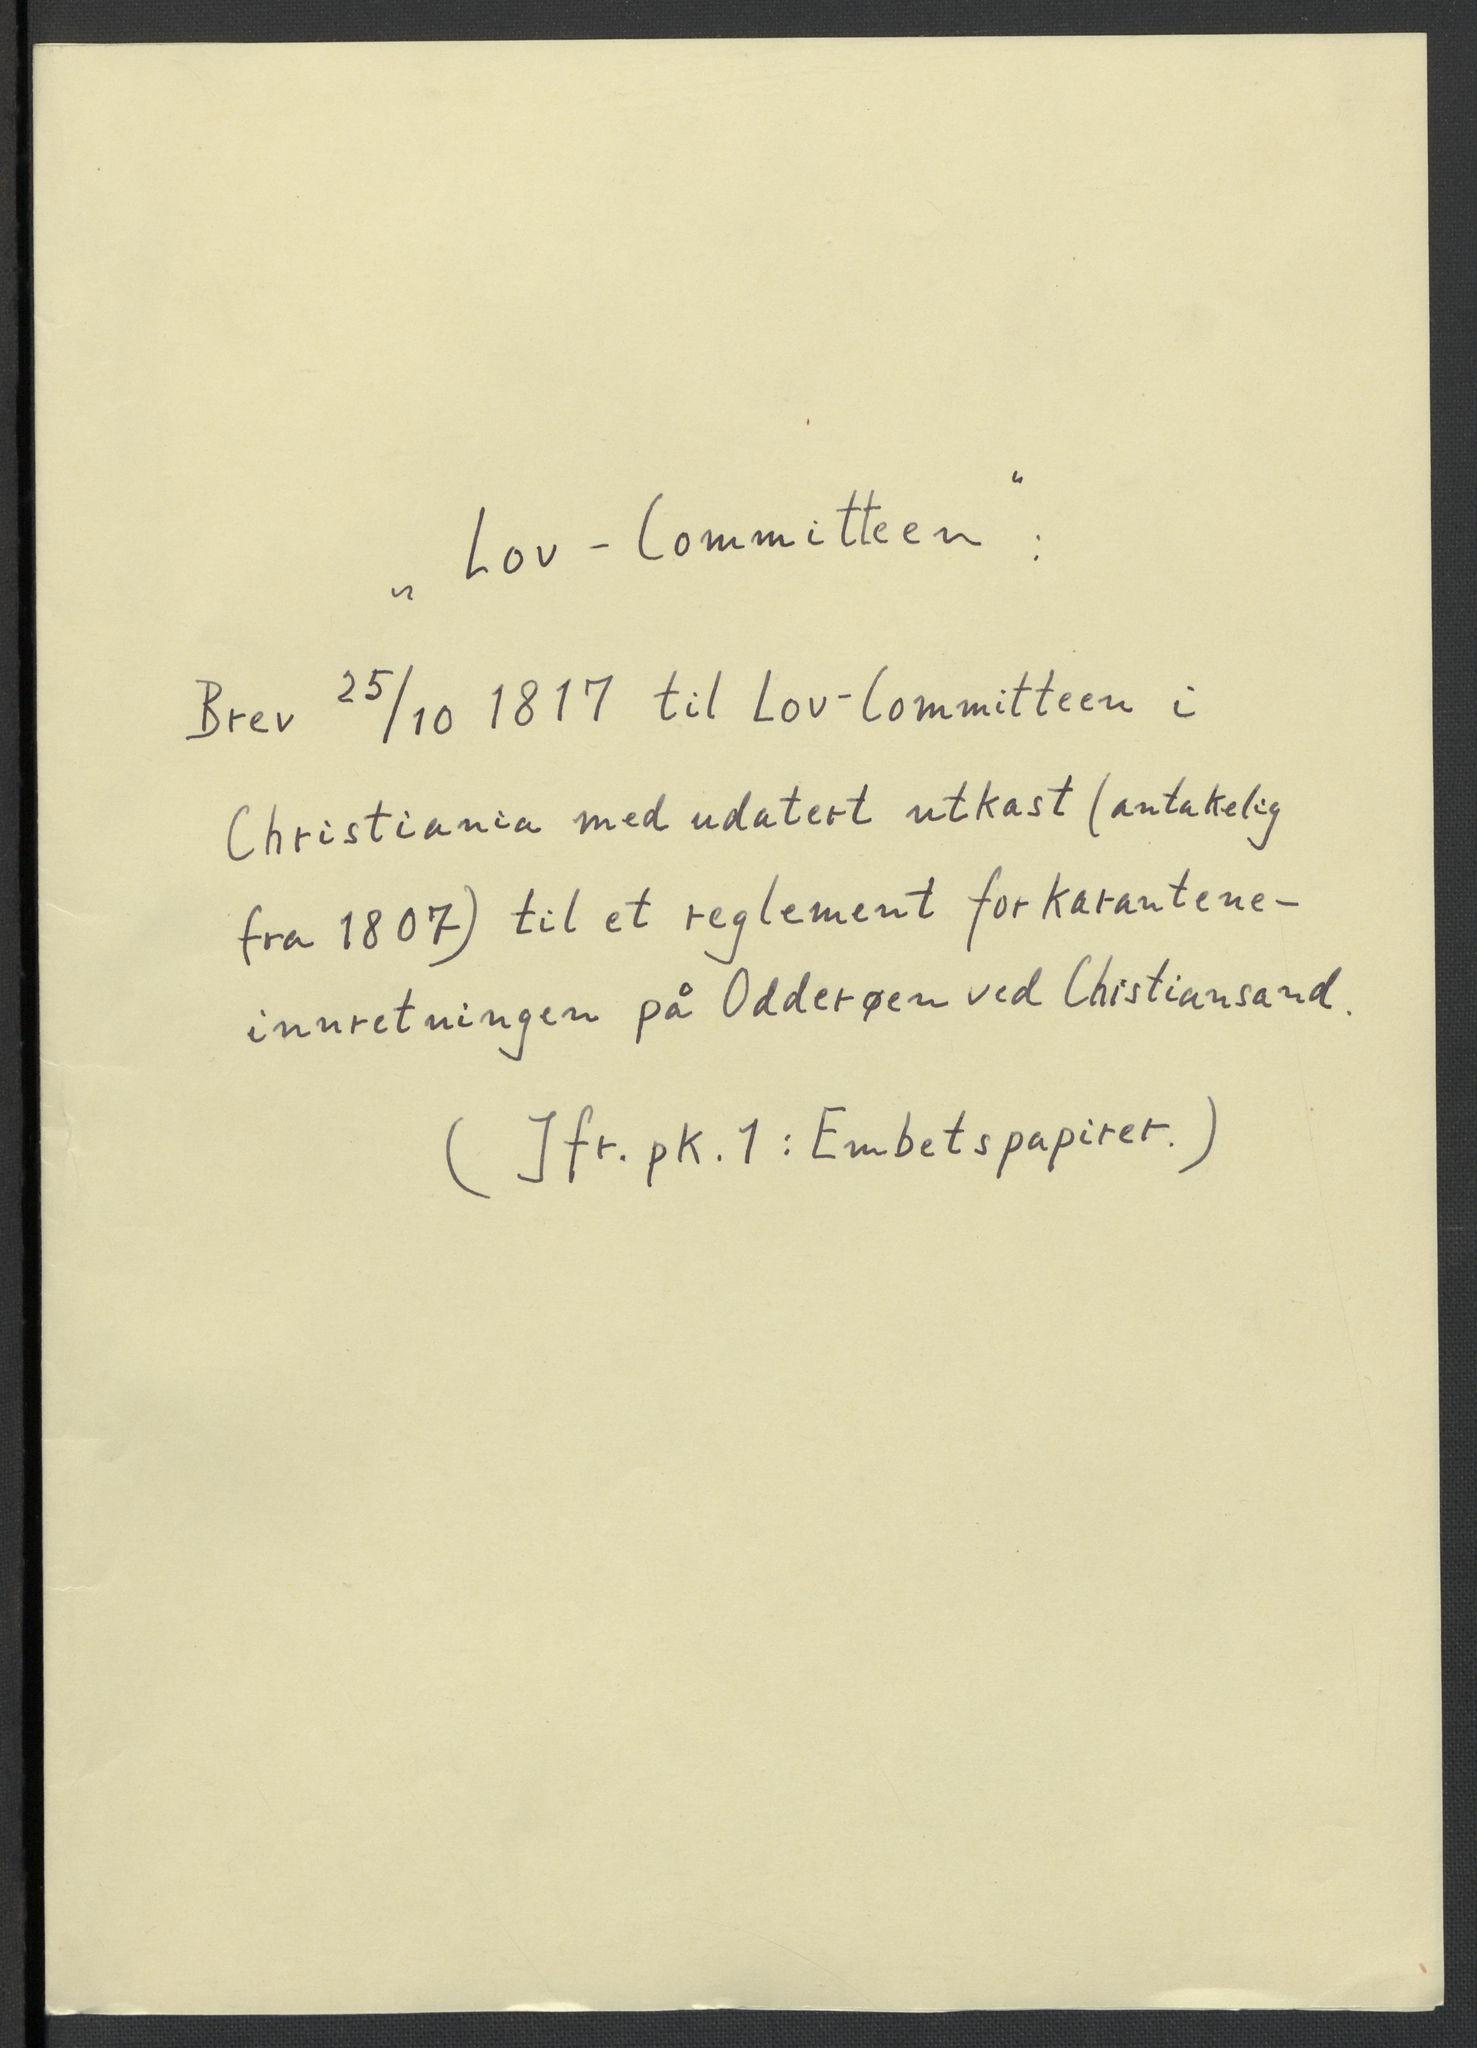 RA, Christie, Wilhelm Frimann Koren, F/L0006, 1817-1818, s. 3